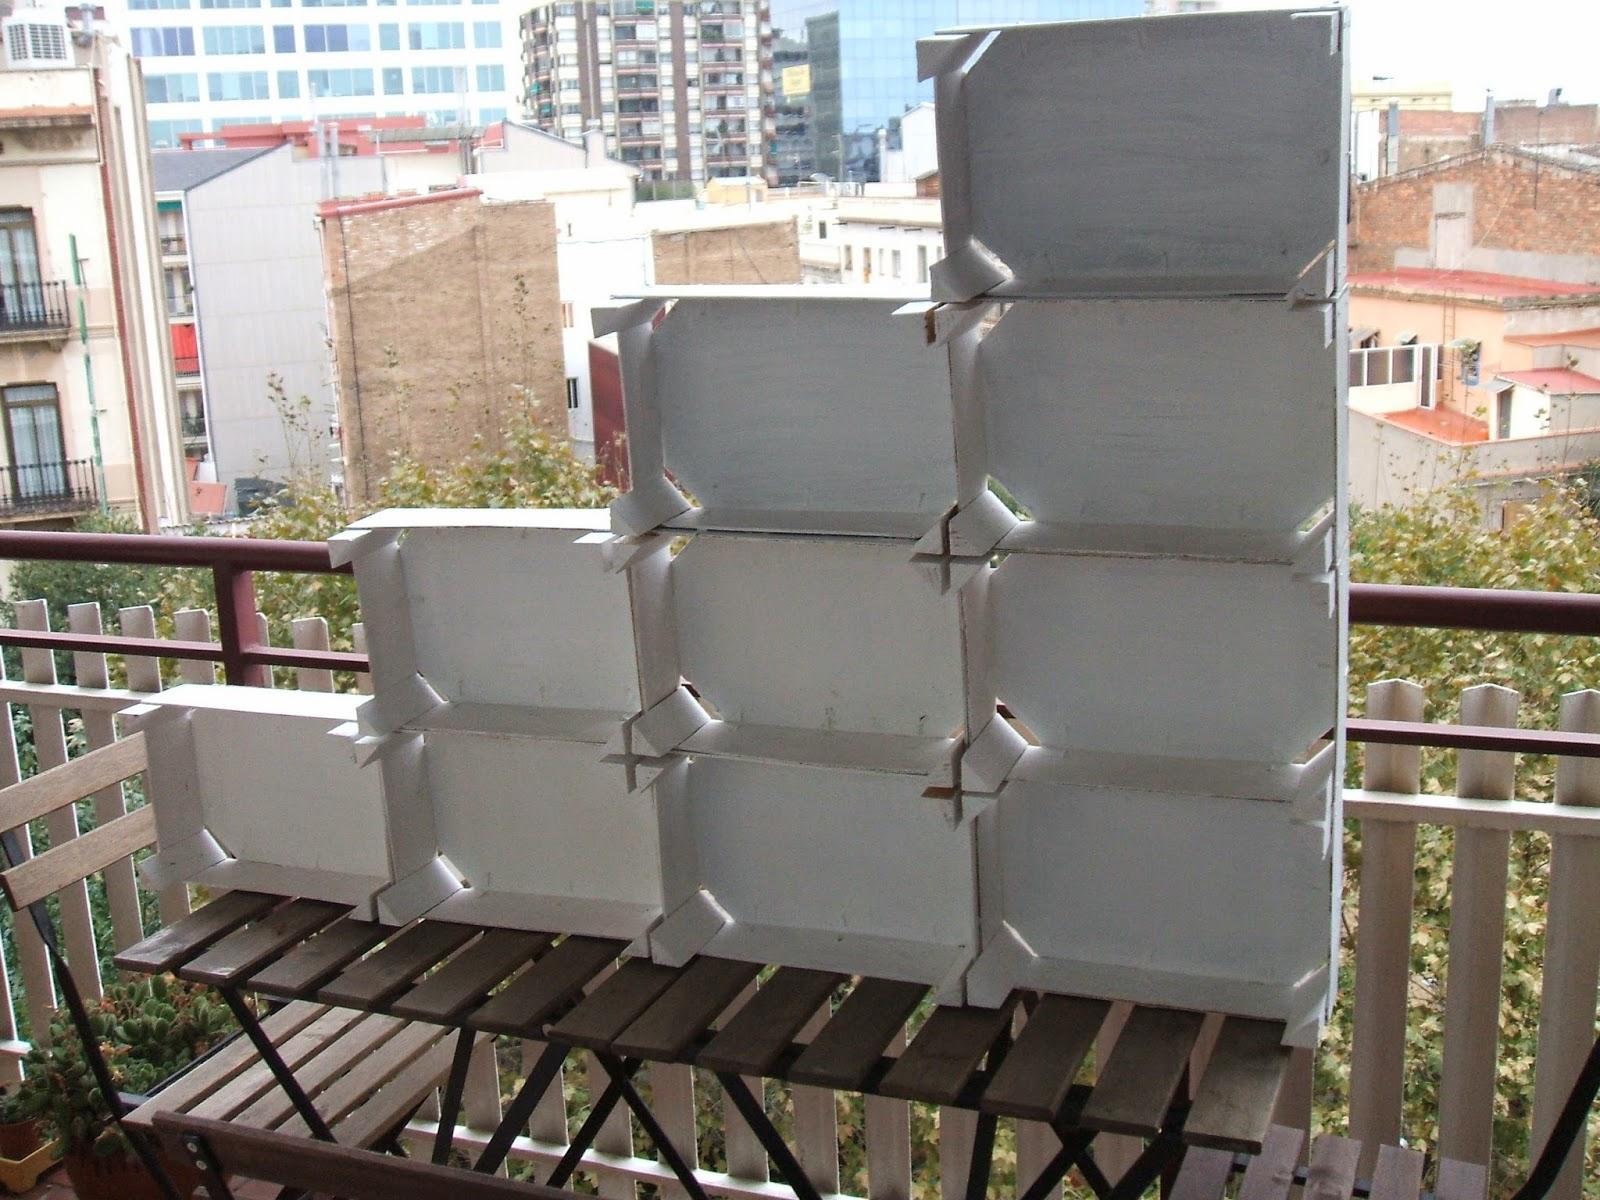 Estanteria cajas aprender manualidades es - Estanterias con cajas de fruta ...